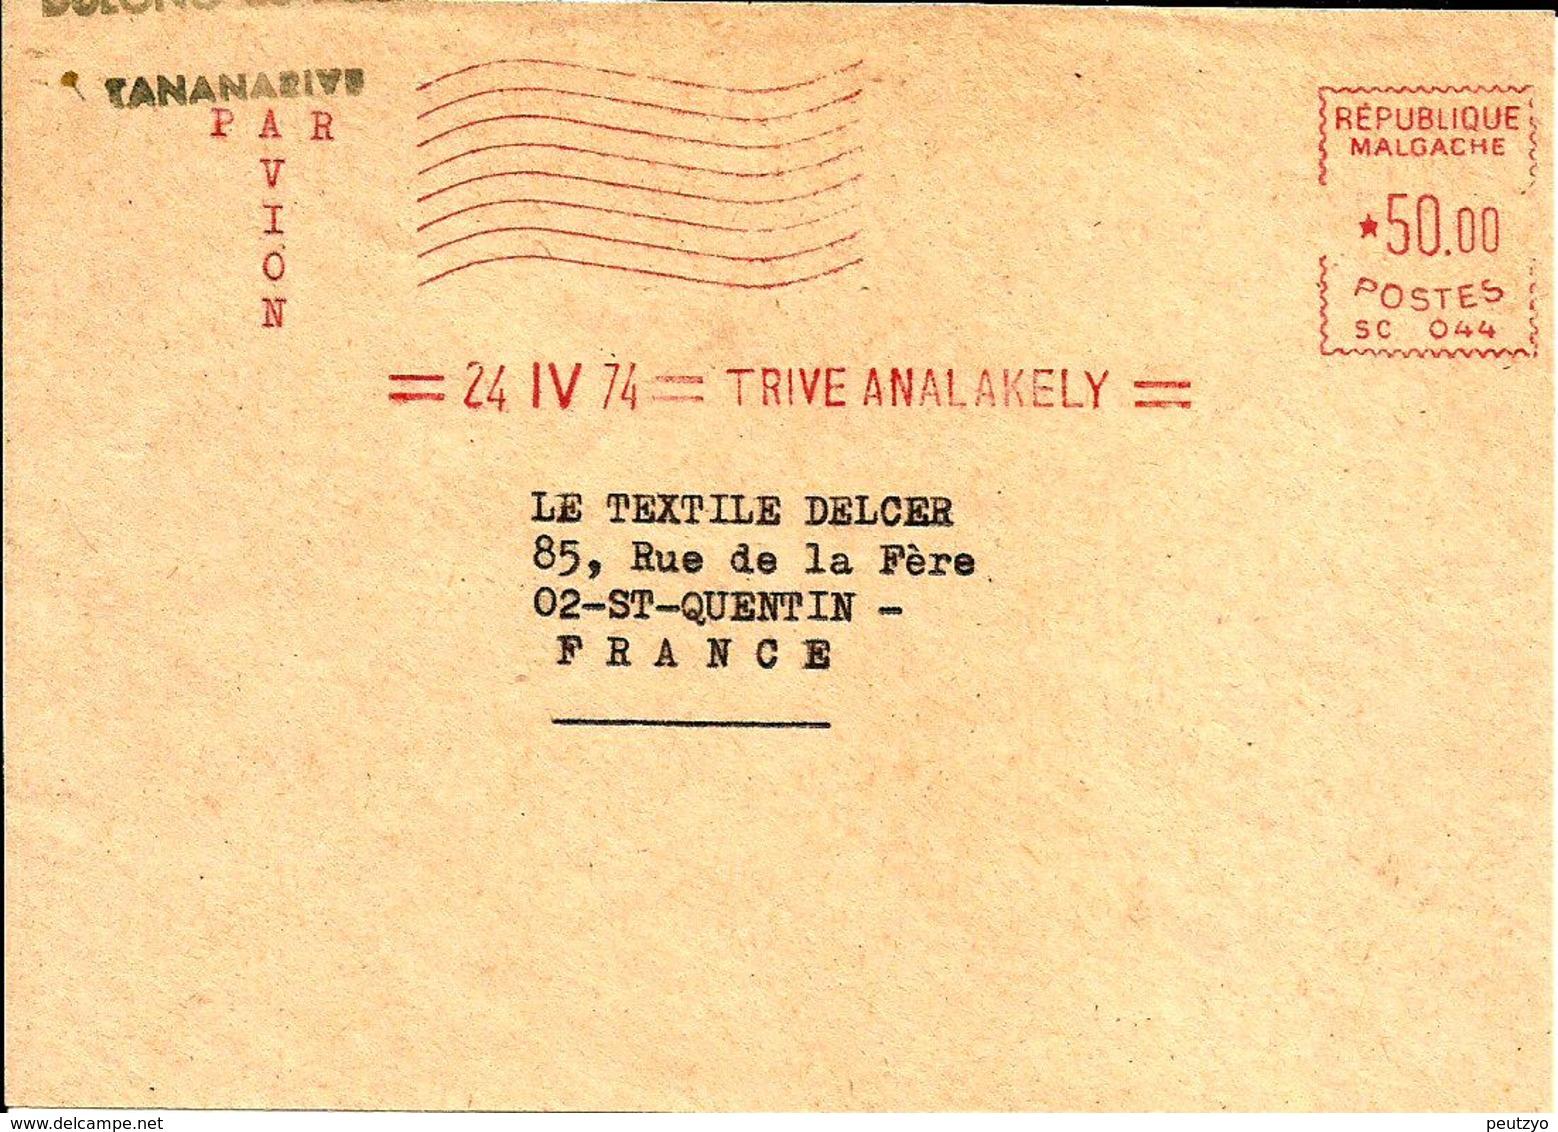 EMA SATAS SC 044 Republique Malgache  1974   A76/1 - Postmark Collection (Covers)